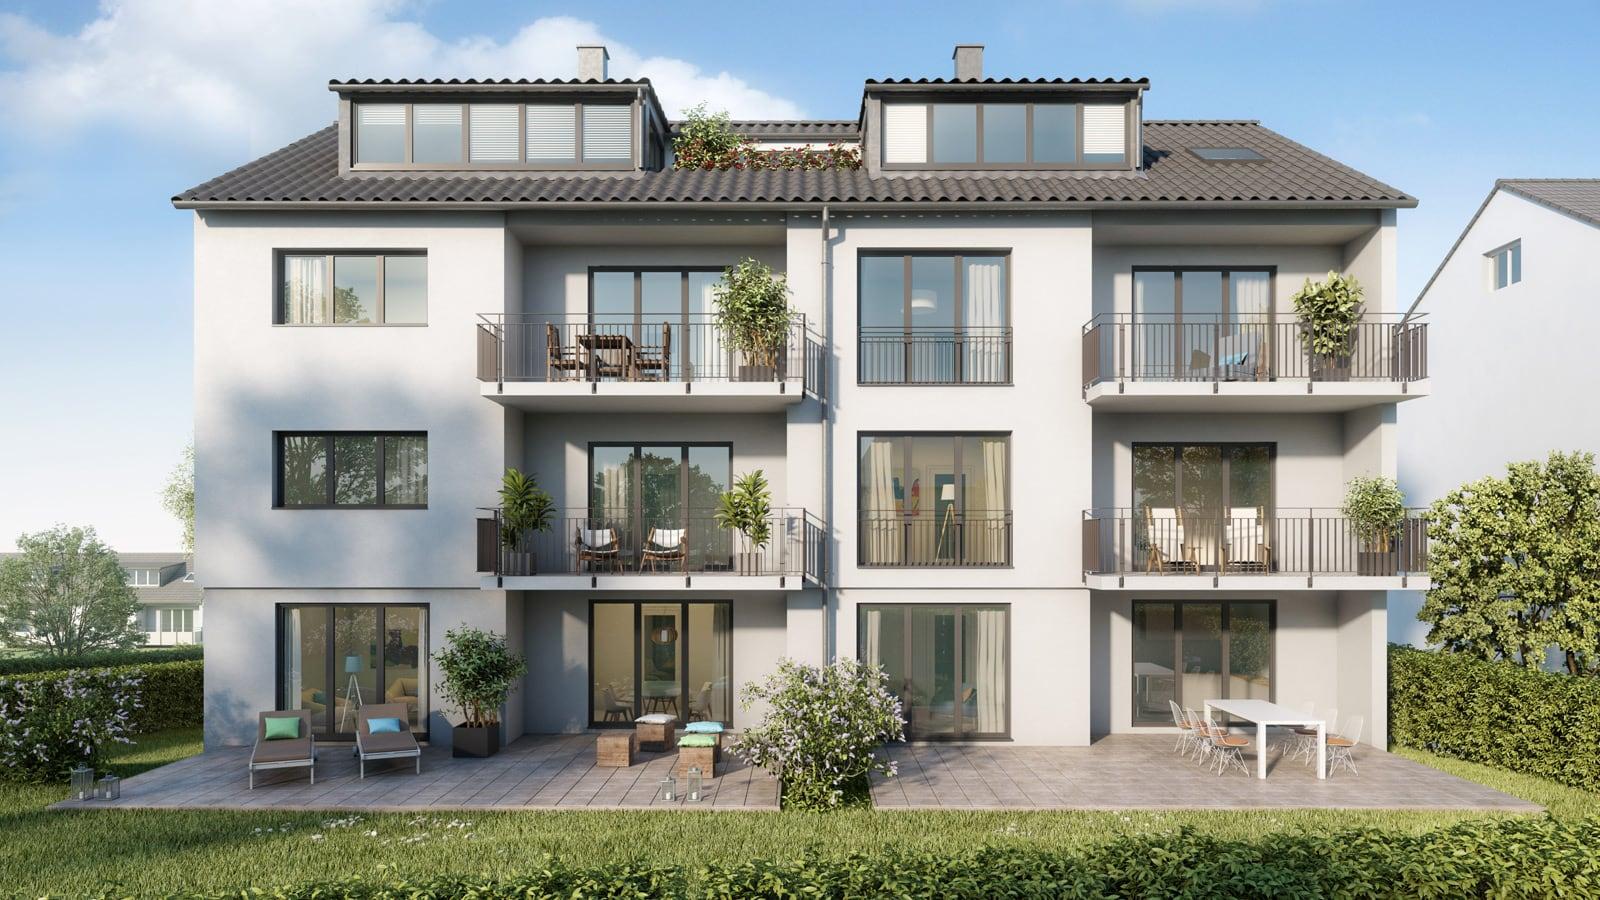 Immobilie Haeckerstraße 12: Mehrfamilienhaus Frontansicht